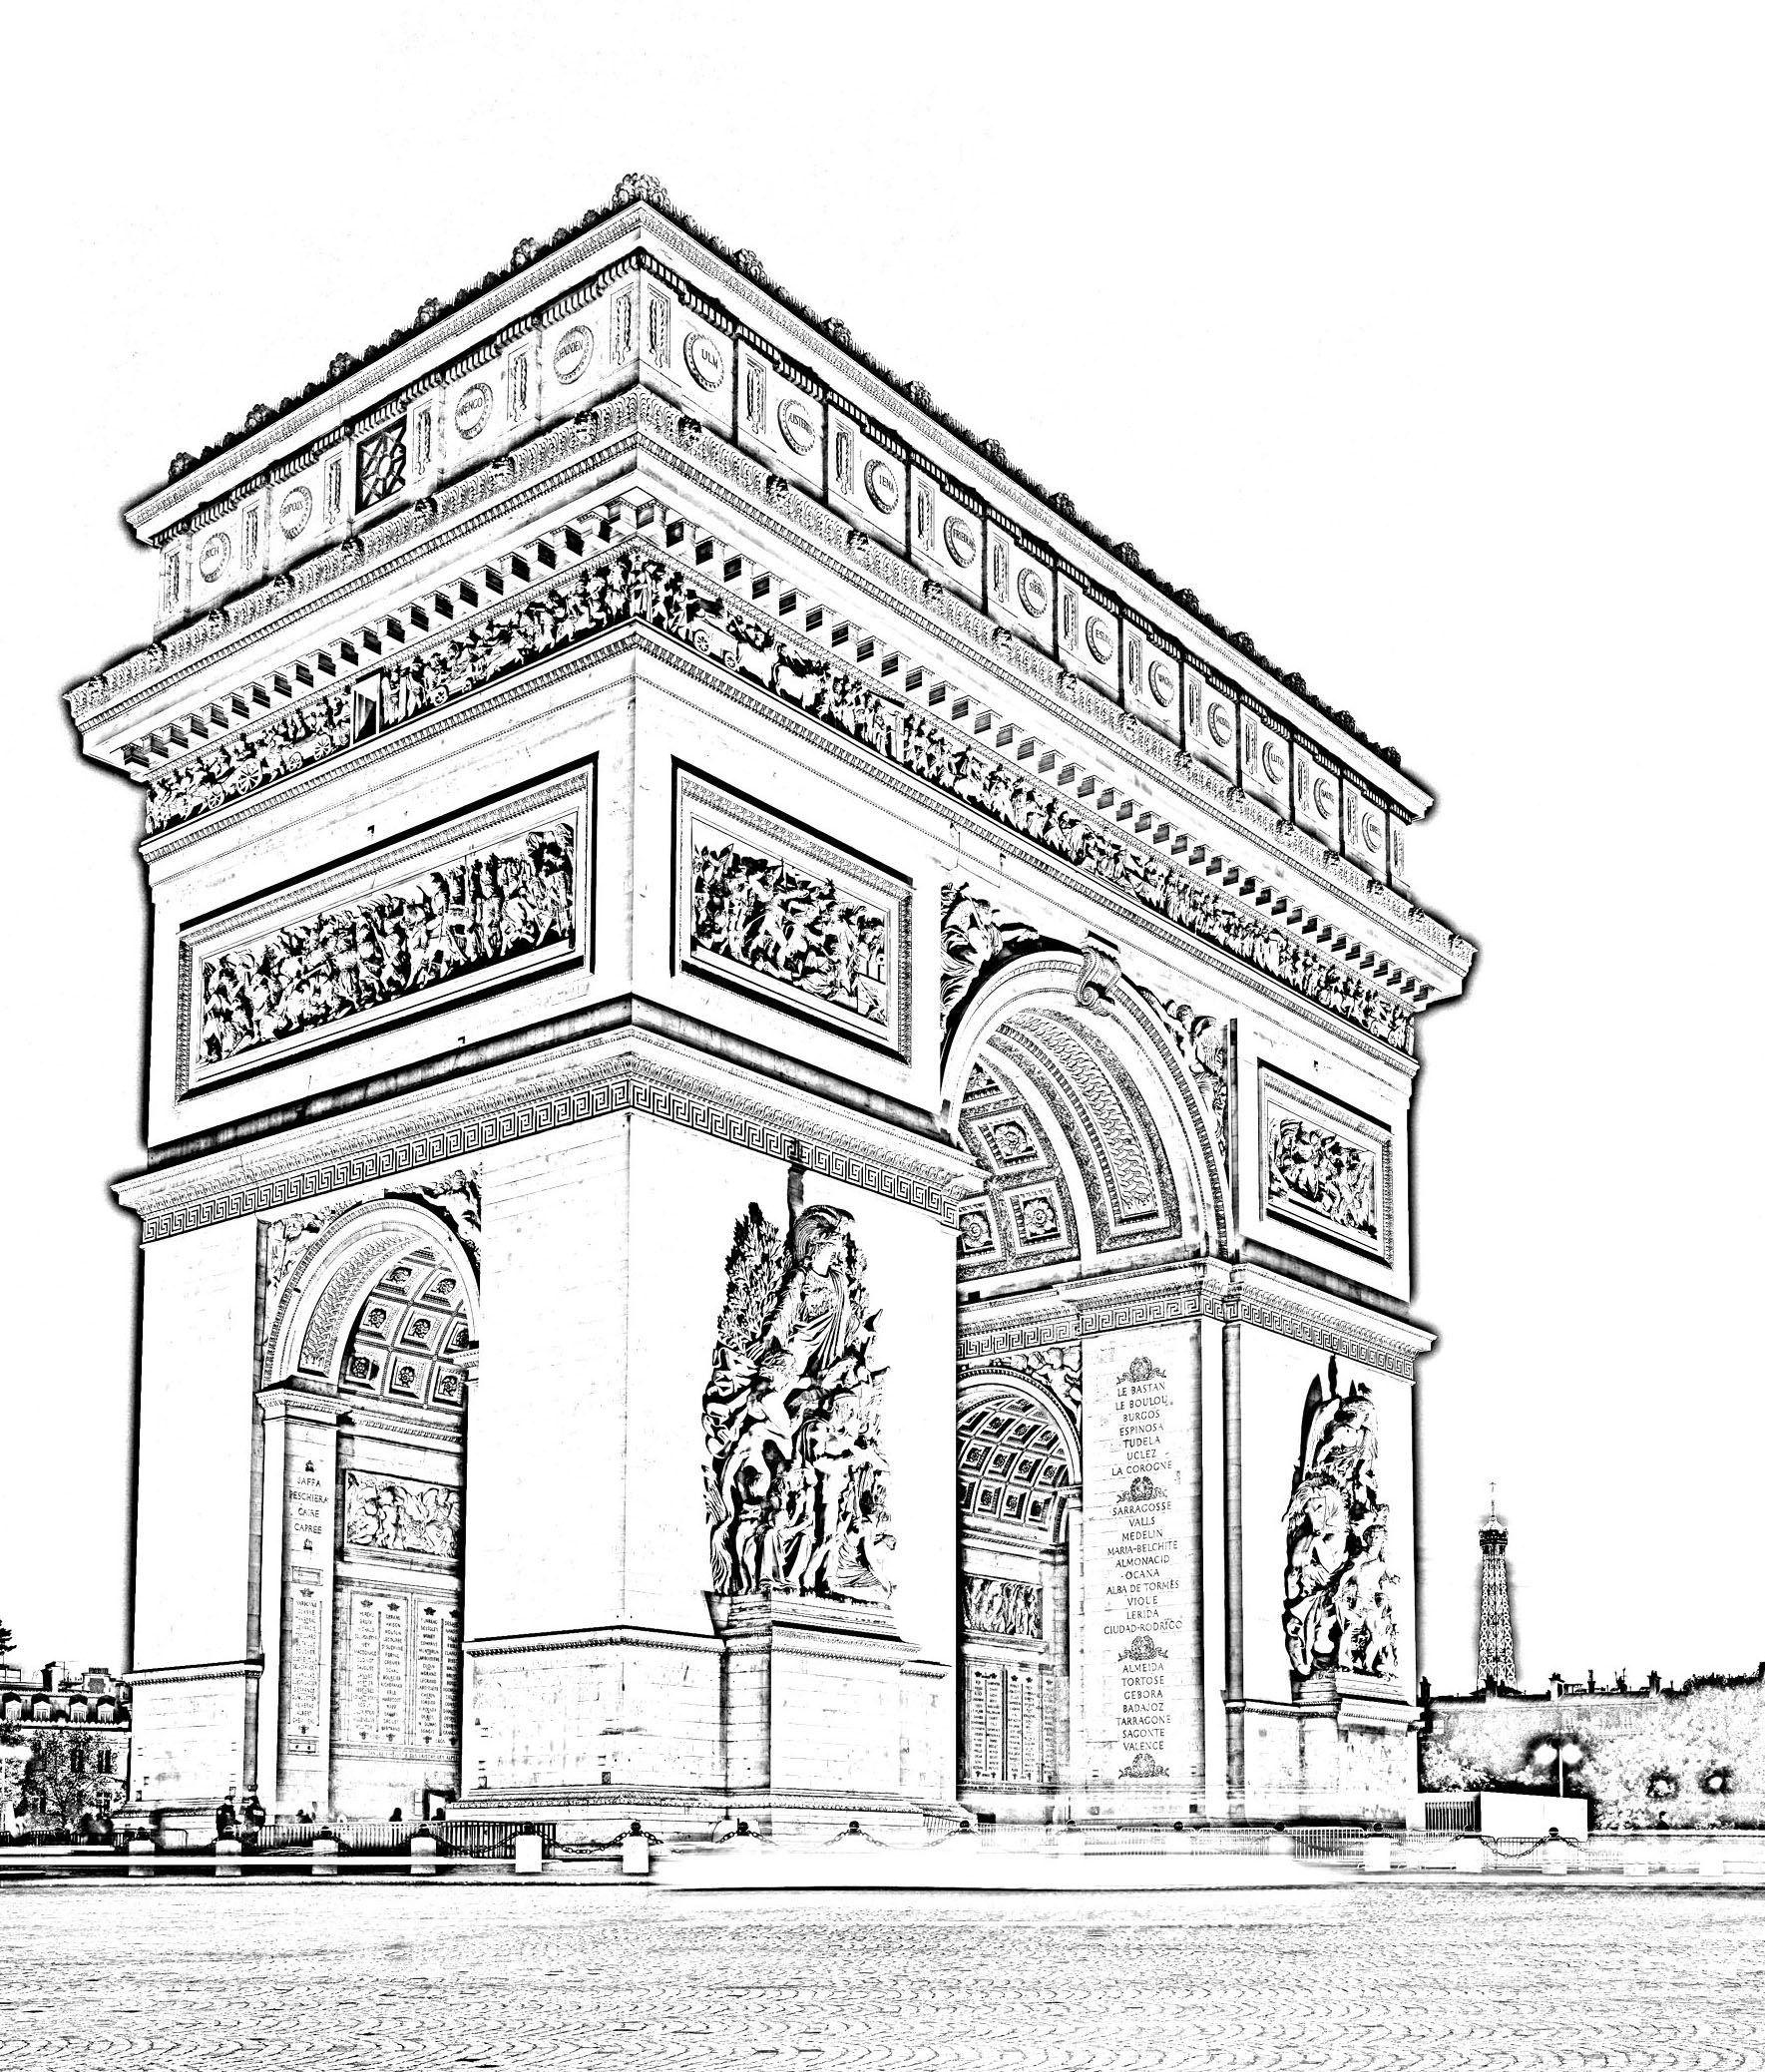 Neu Immeuble Parisien Dessin Farbung Malvorlagen Malvorlagenkostenlos Coloriage Paris Dessin Architecture Sketchbook Architecture